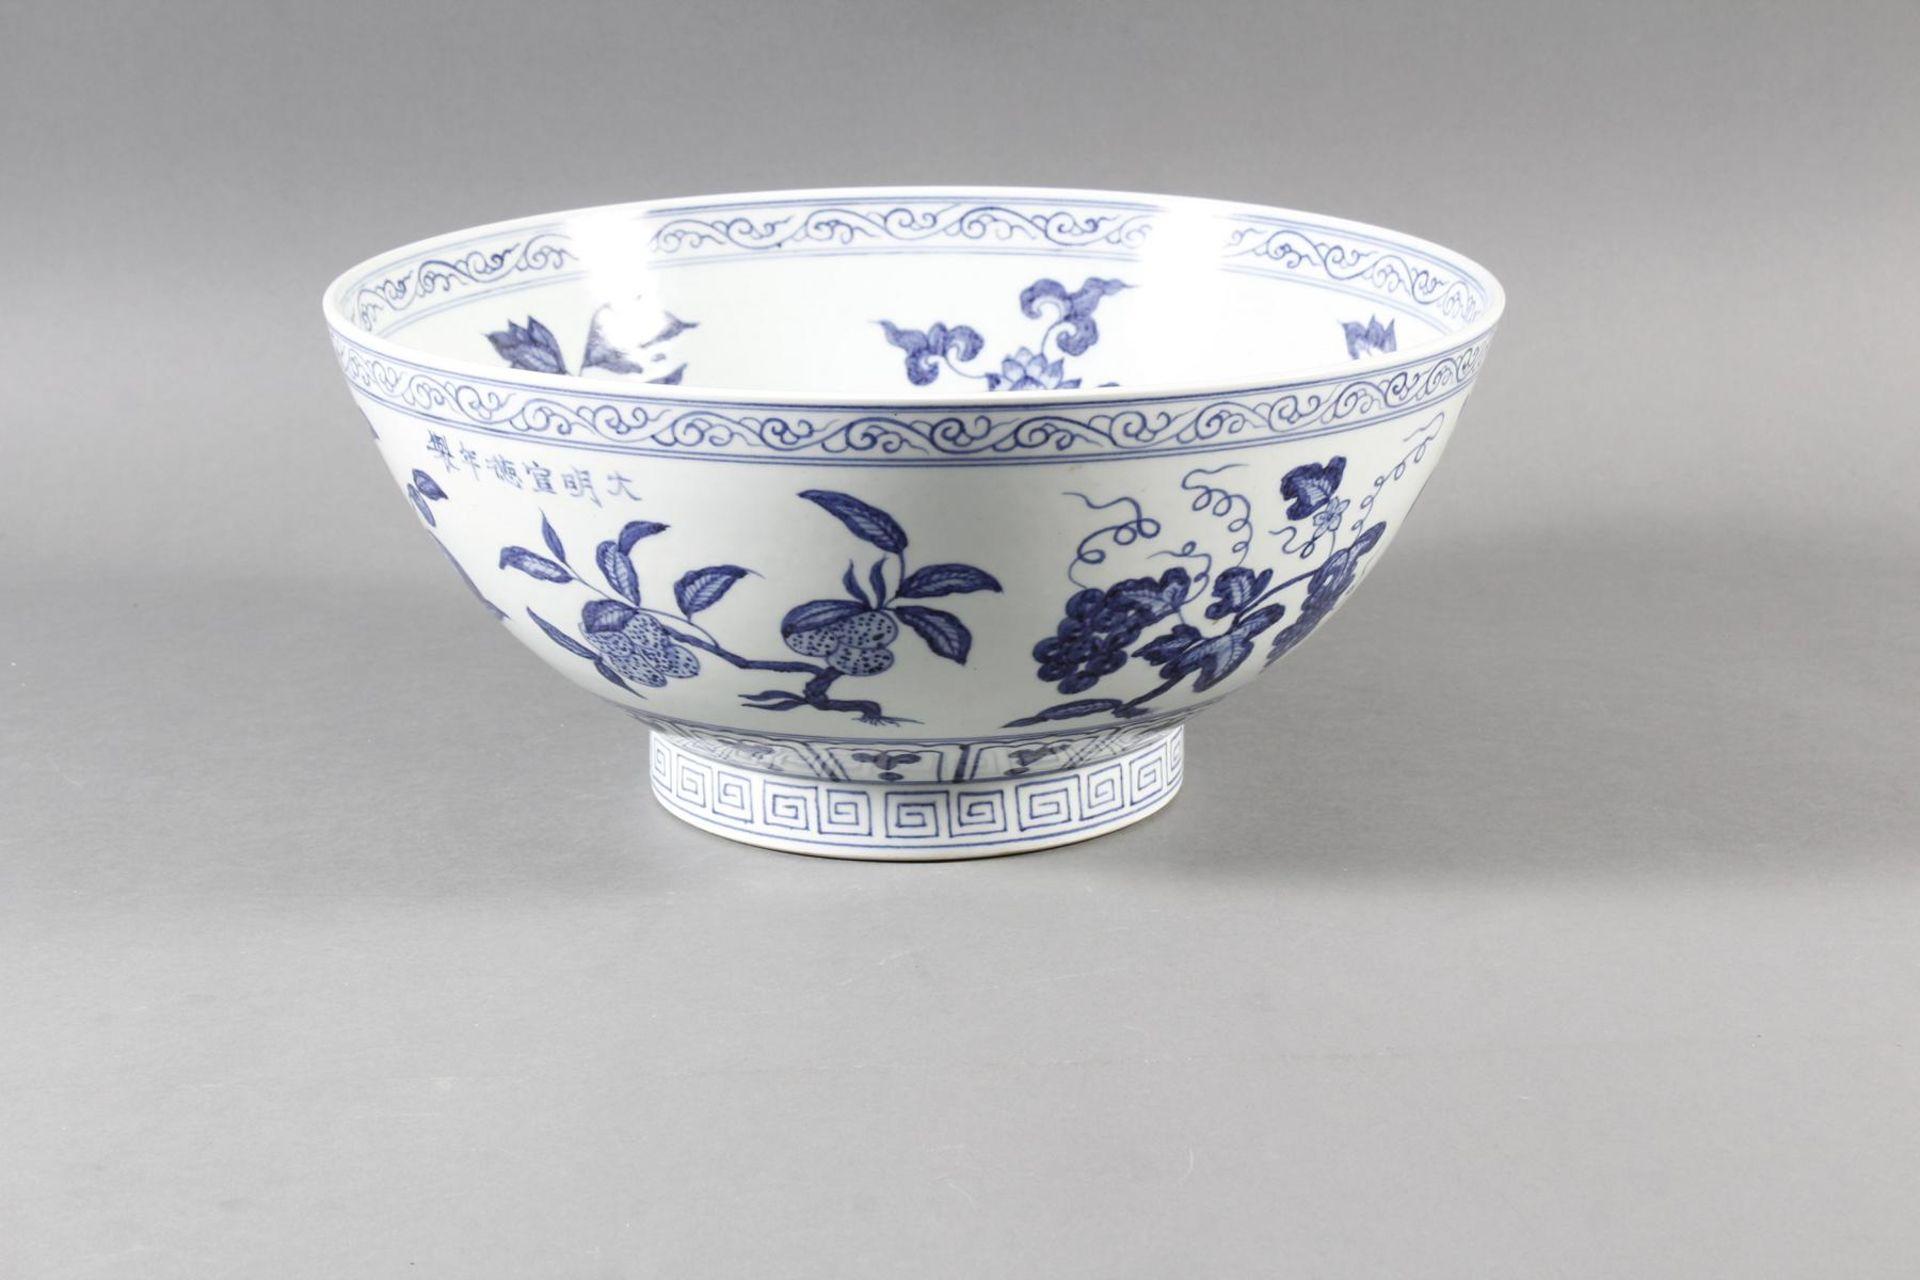 Große Porzellanschüssel, China, Hsüan-tê Marke - Bild 2 aus 17